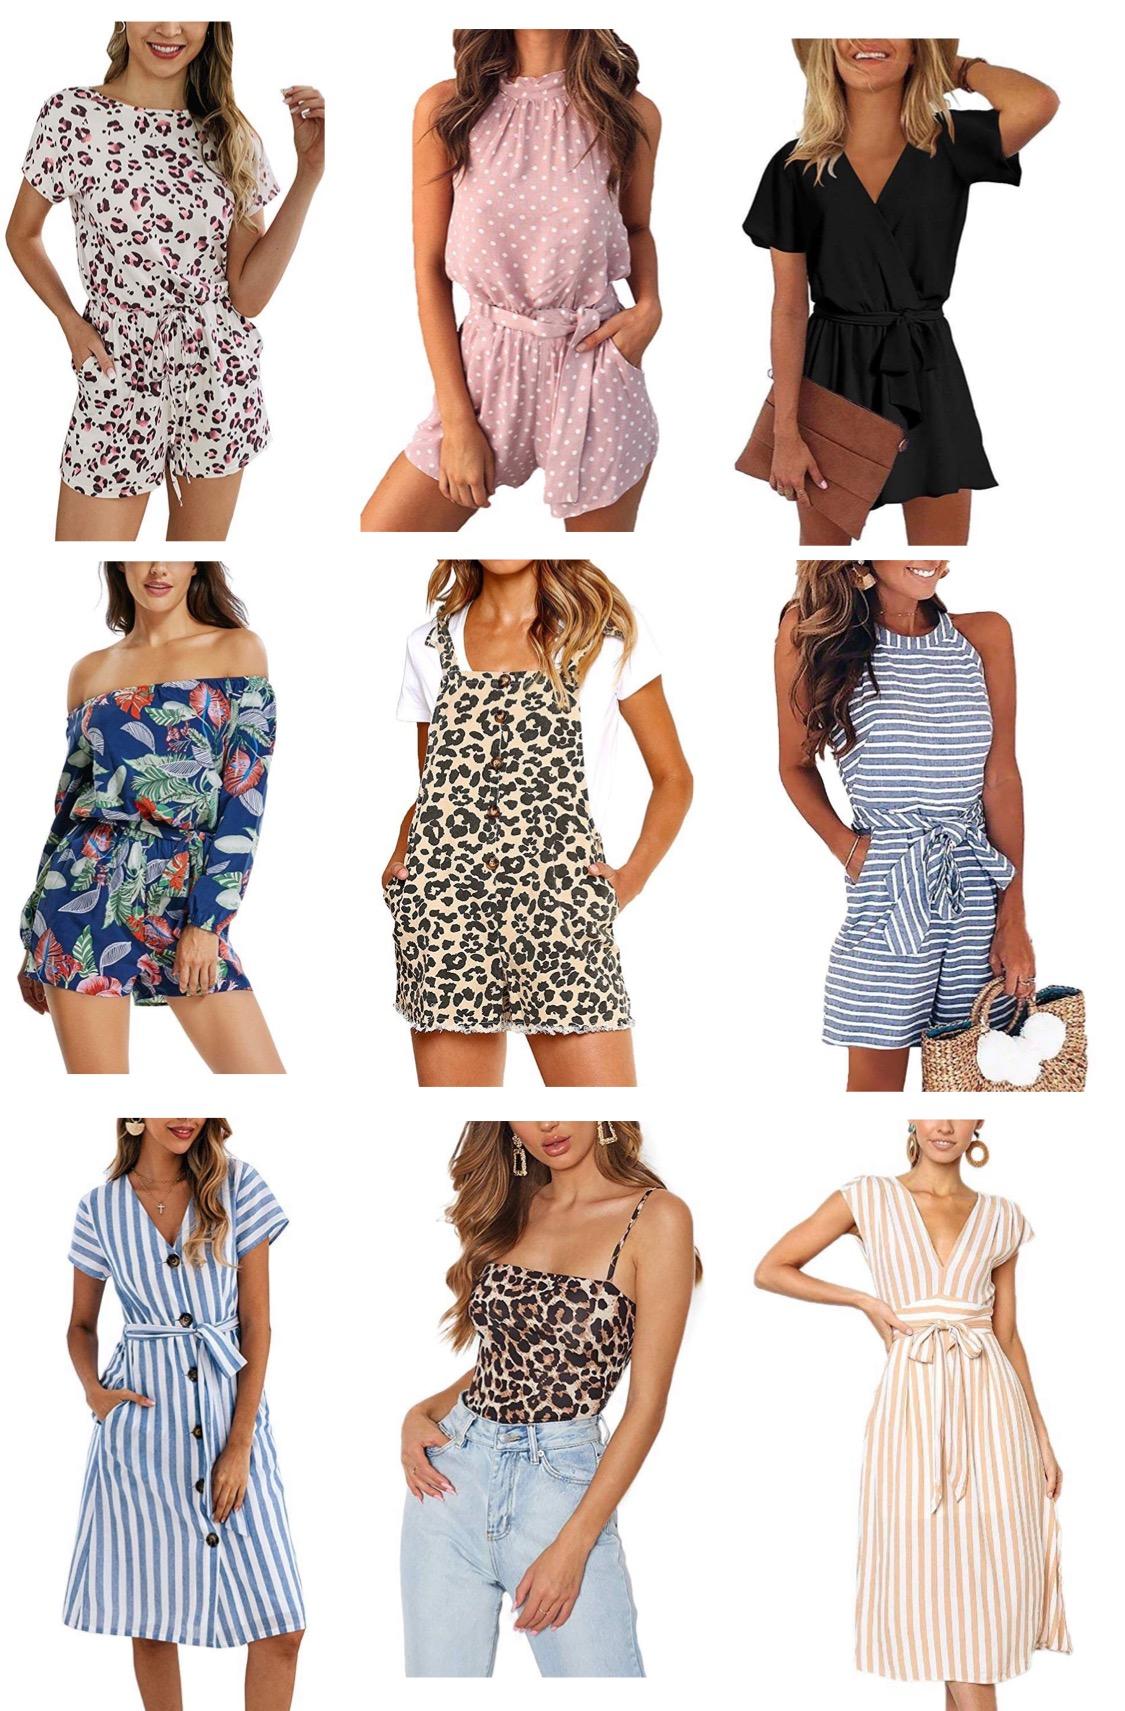 XL, Black Women Plus Size Romper Shorts Camisole Floral Print Fashion Casual Short Sleeve Jumpsuit Loose Fit Vintage